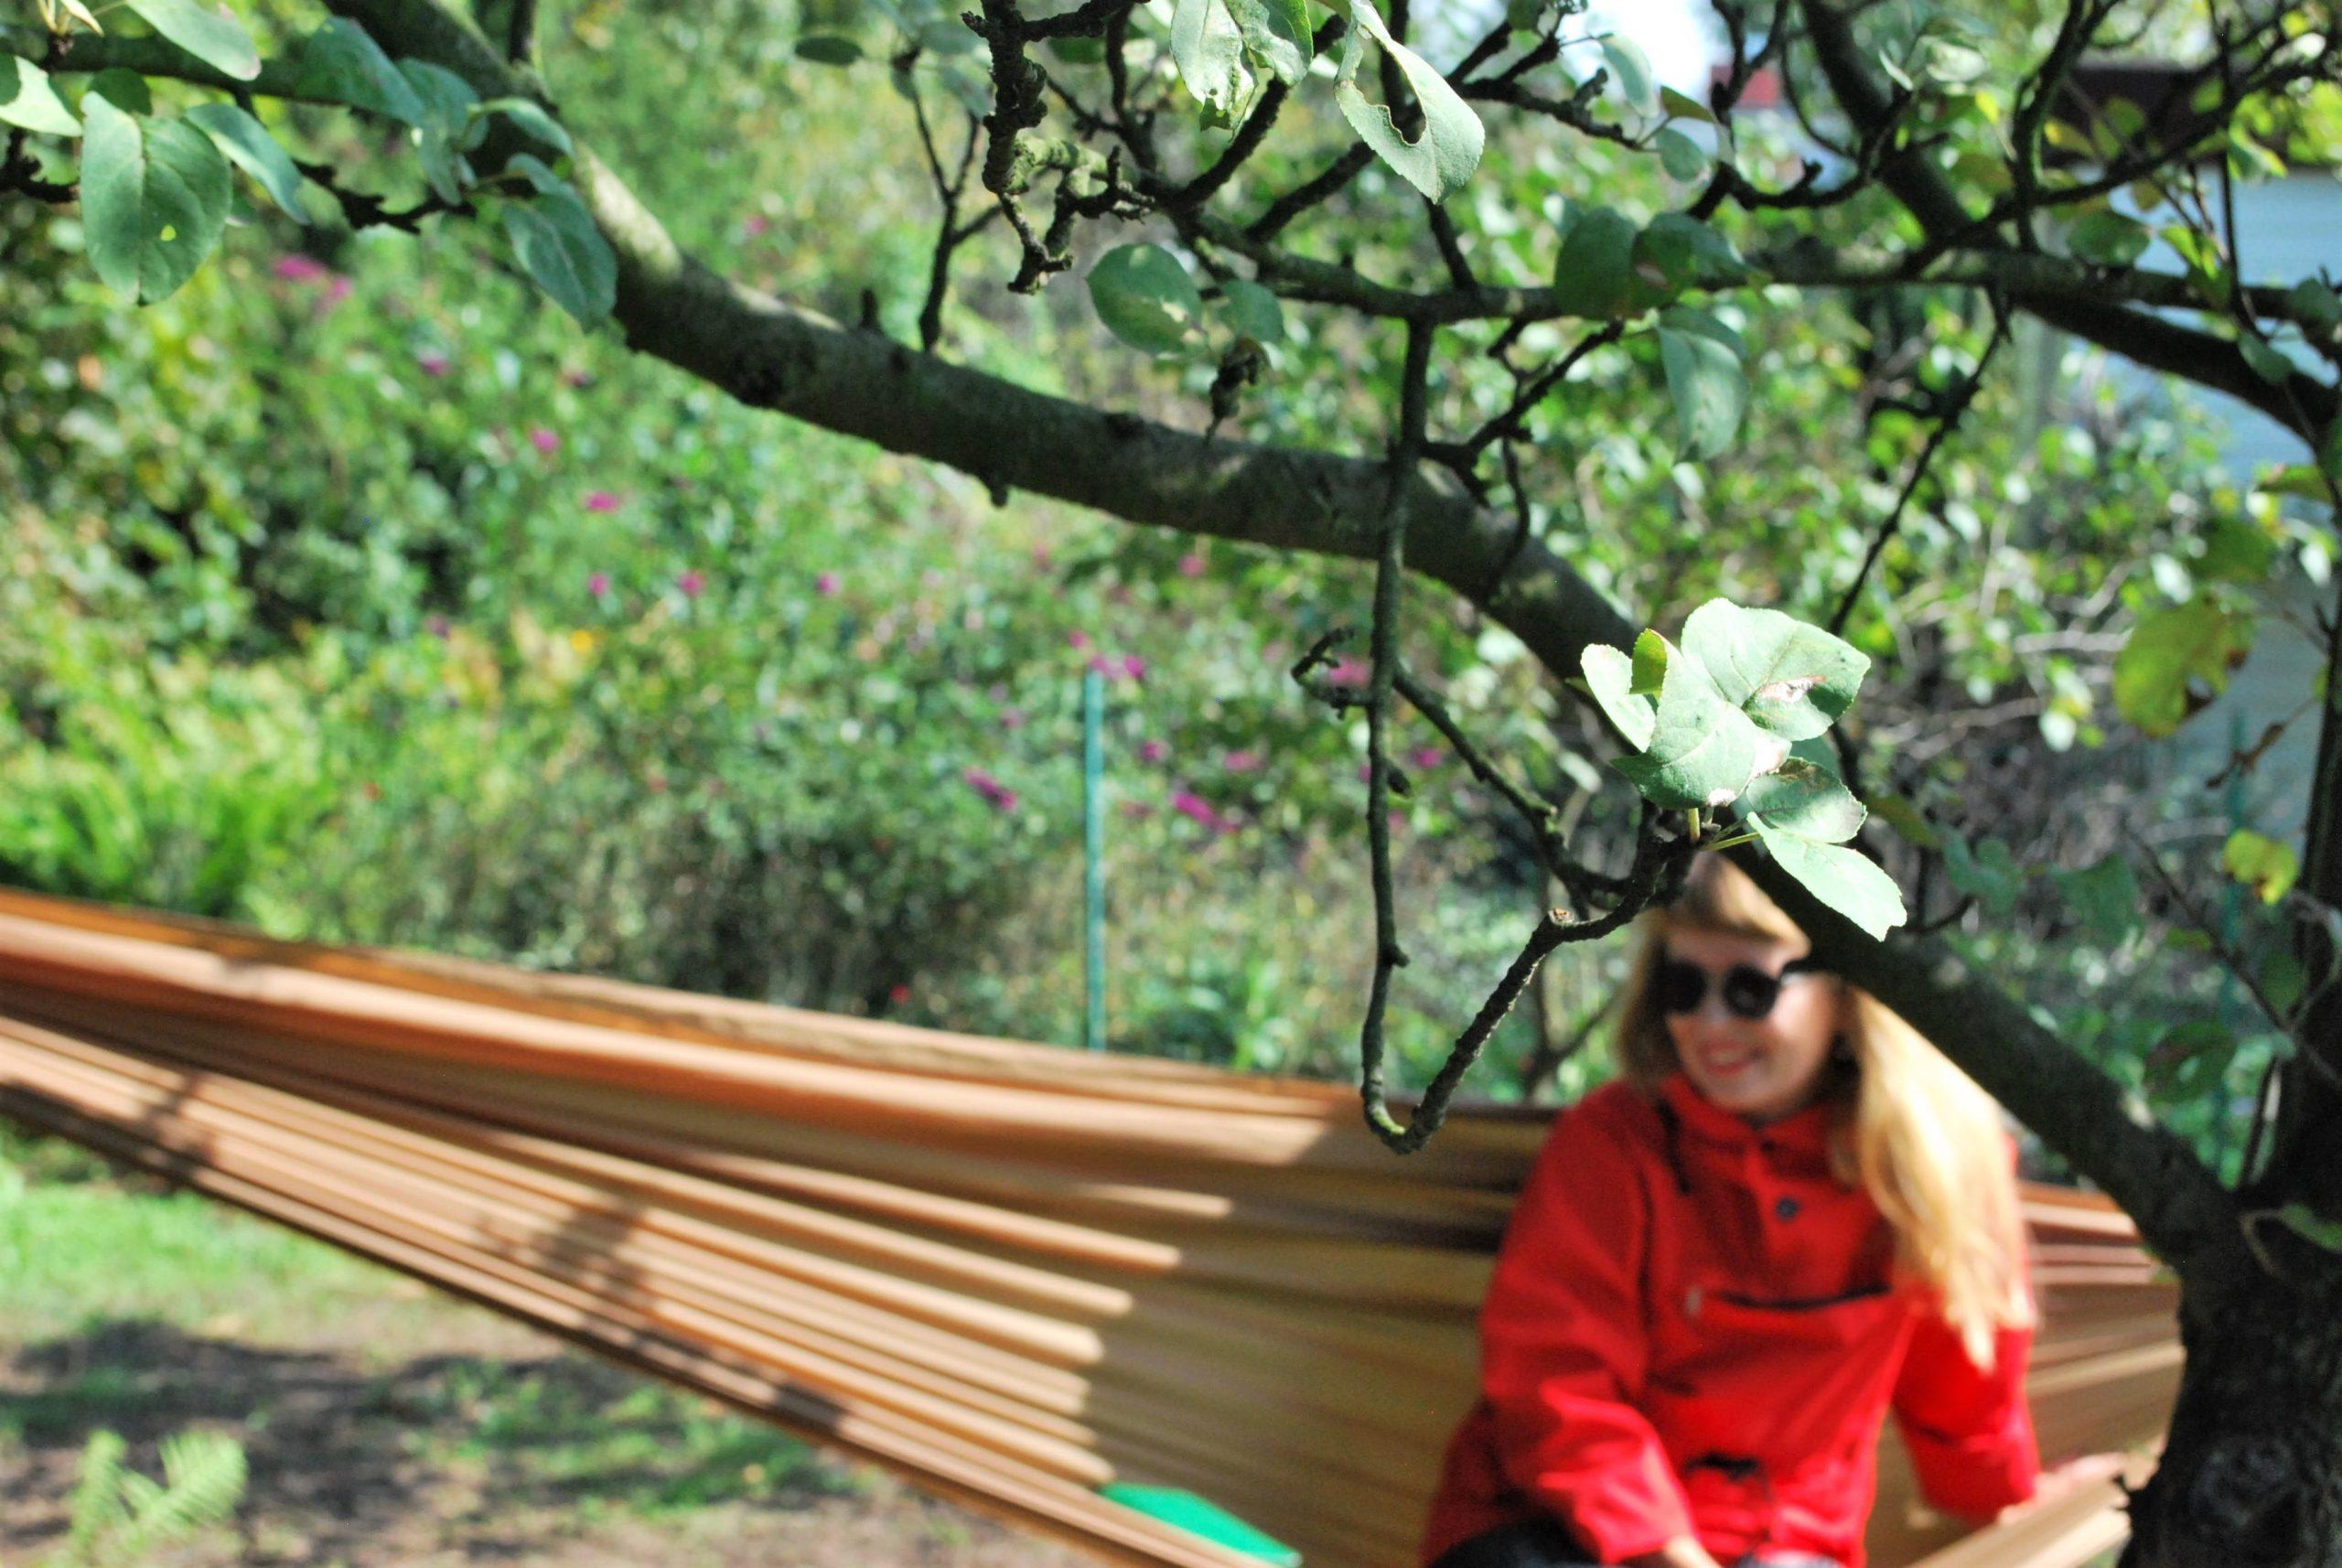 Pracownia Magdaleny Lazar, fot. S. Milewska (źródło: dzięki uprzejmości autorki)